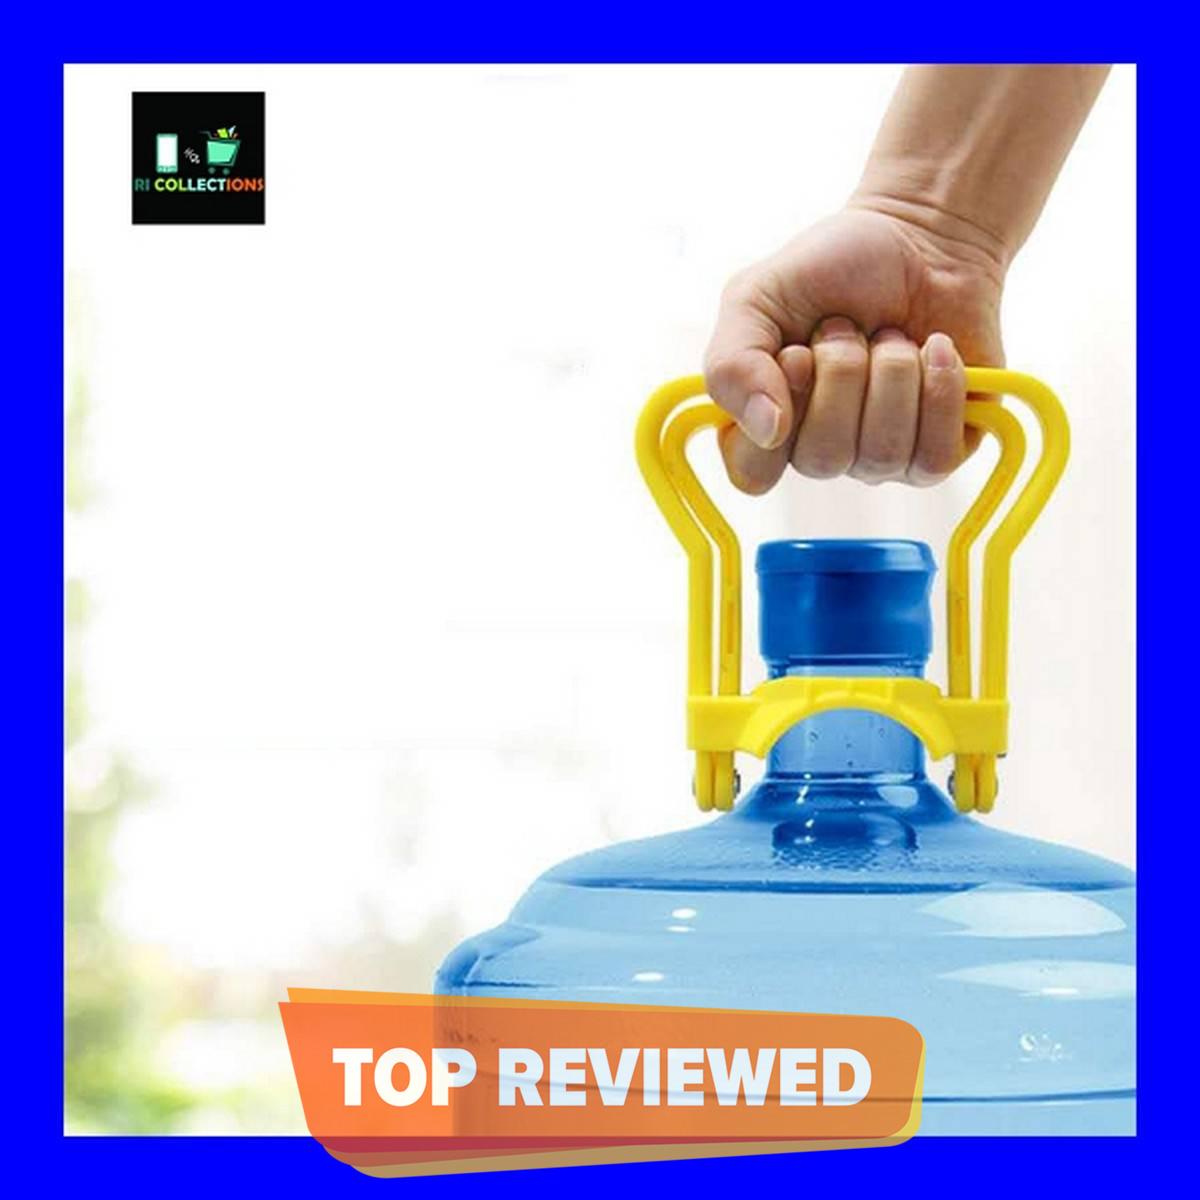 Water Bottle Handle water bottle lifter Easy Lifting Water Bottle Carrier - Water Bottle handle